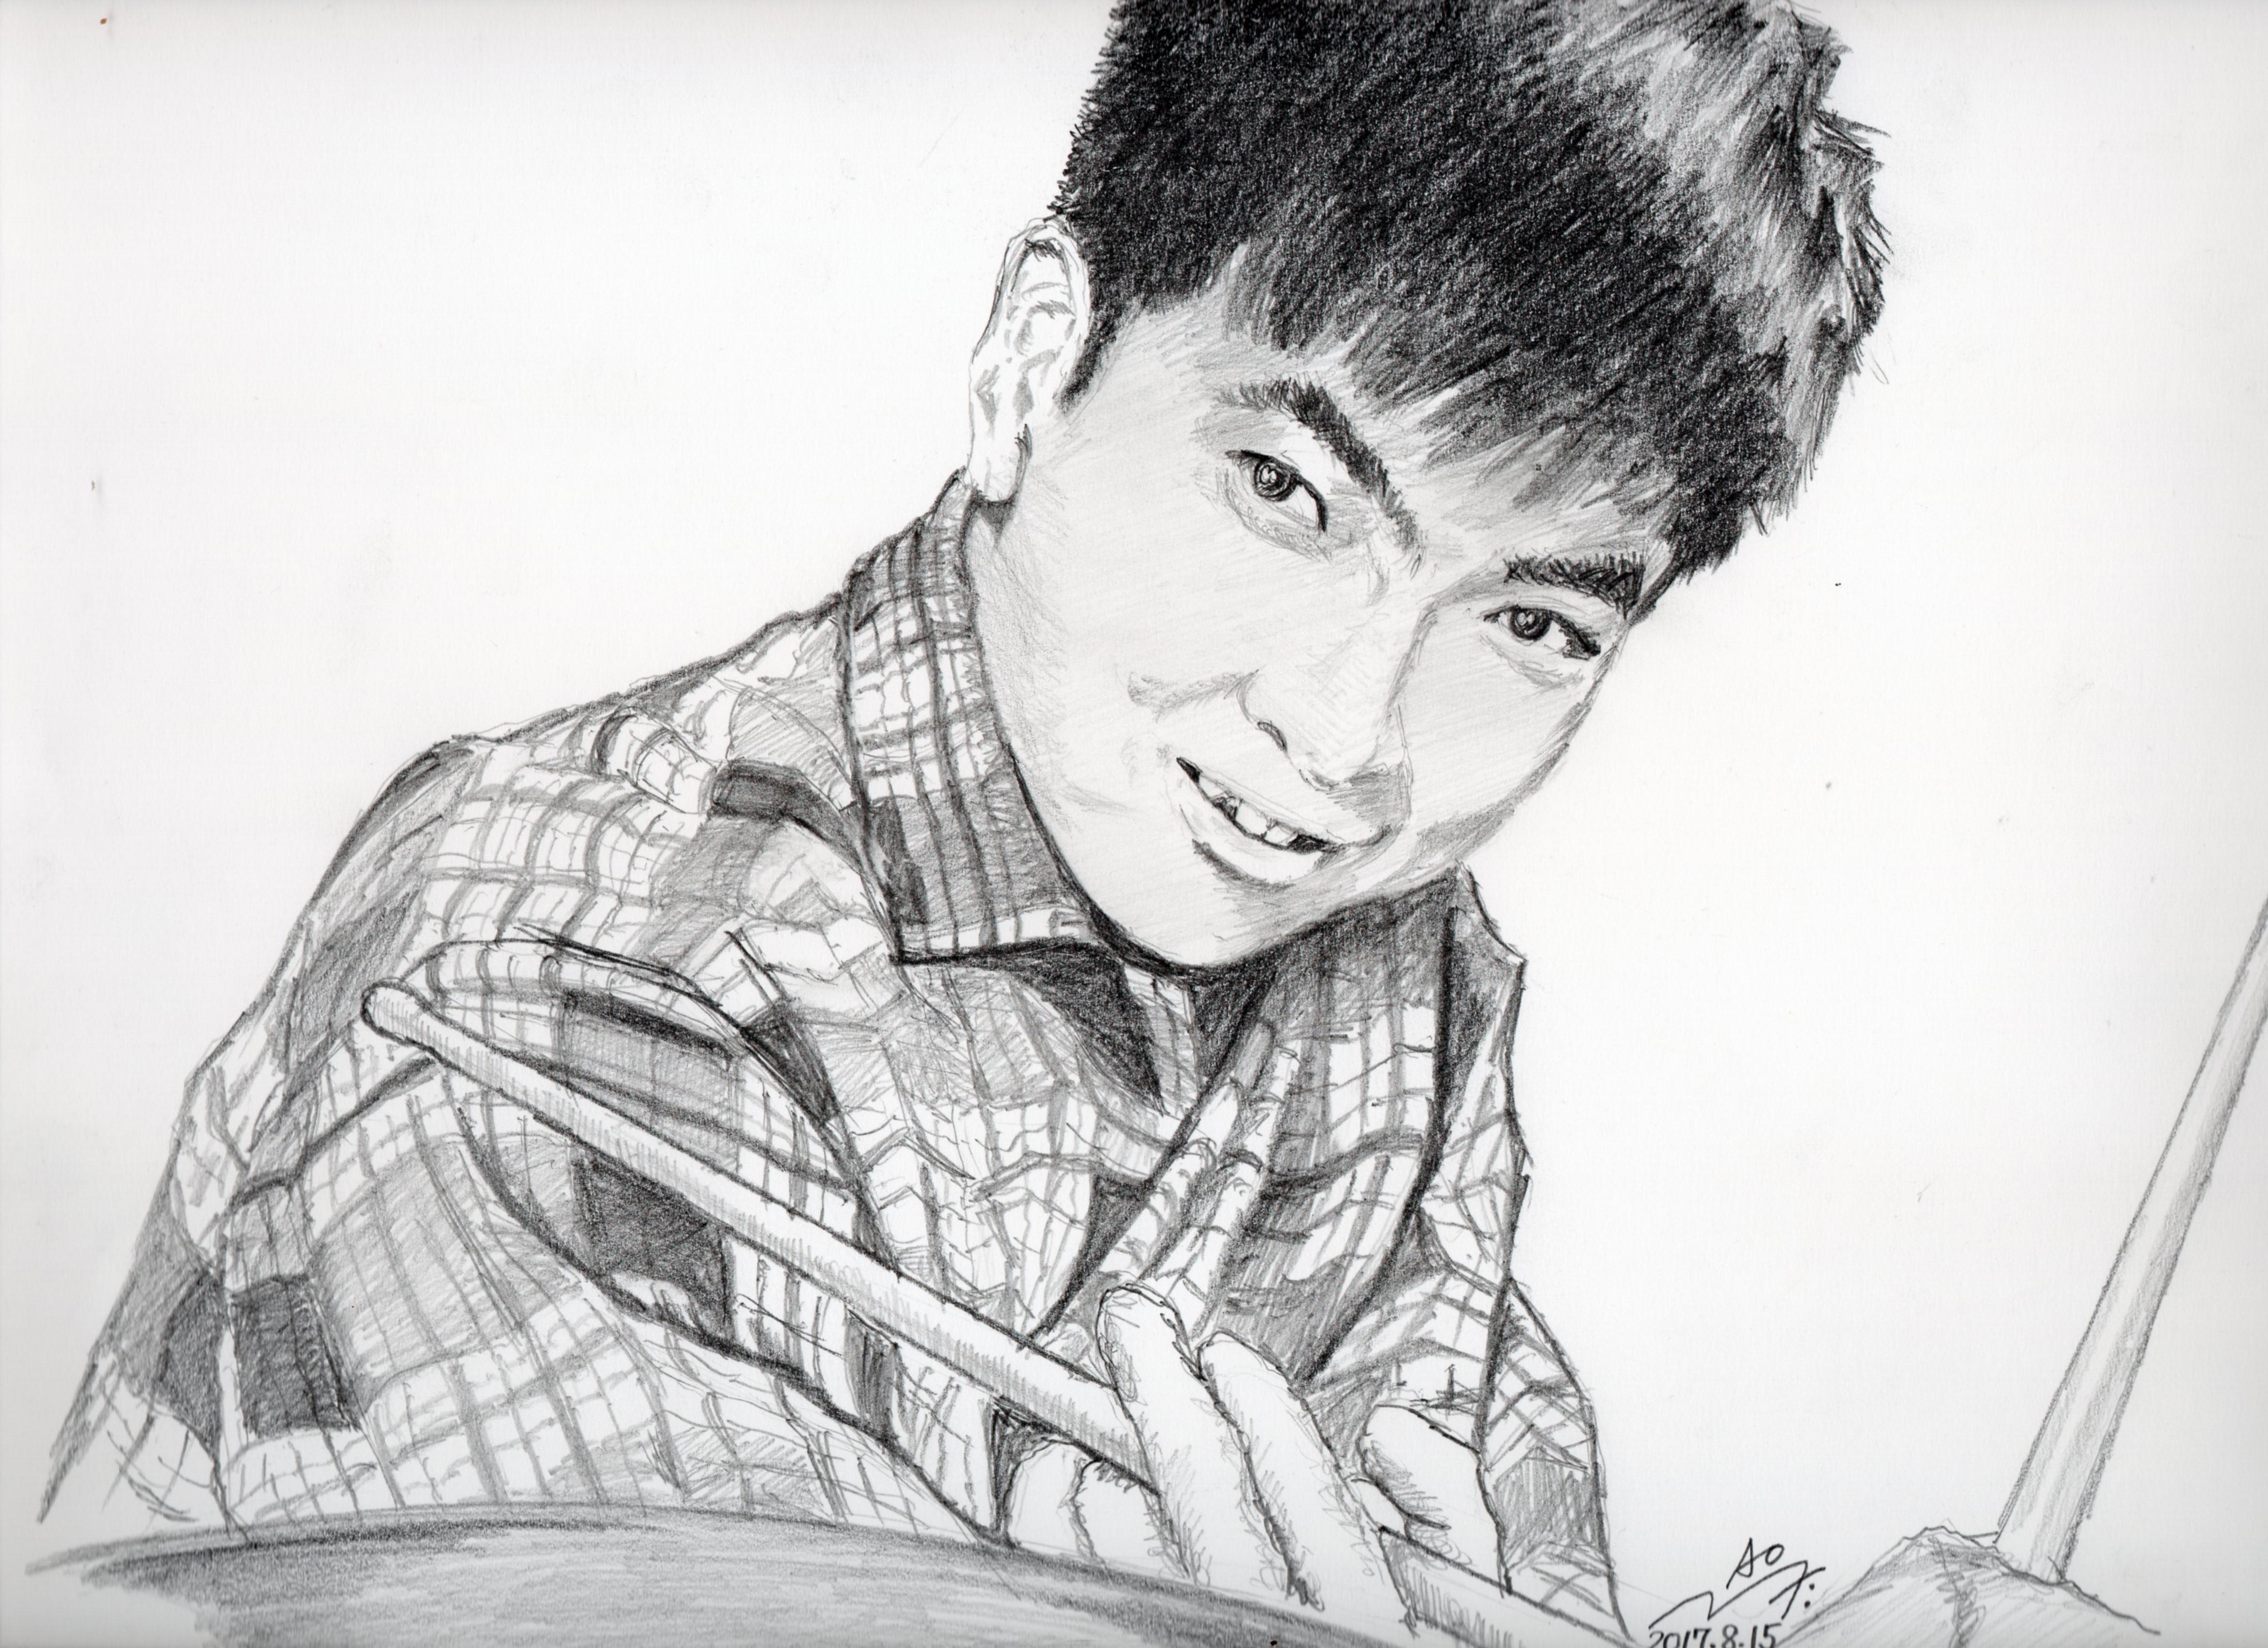 石原裕次郎さんの鉛筆画似顔絵